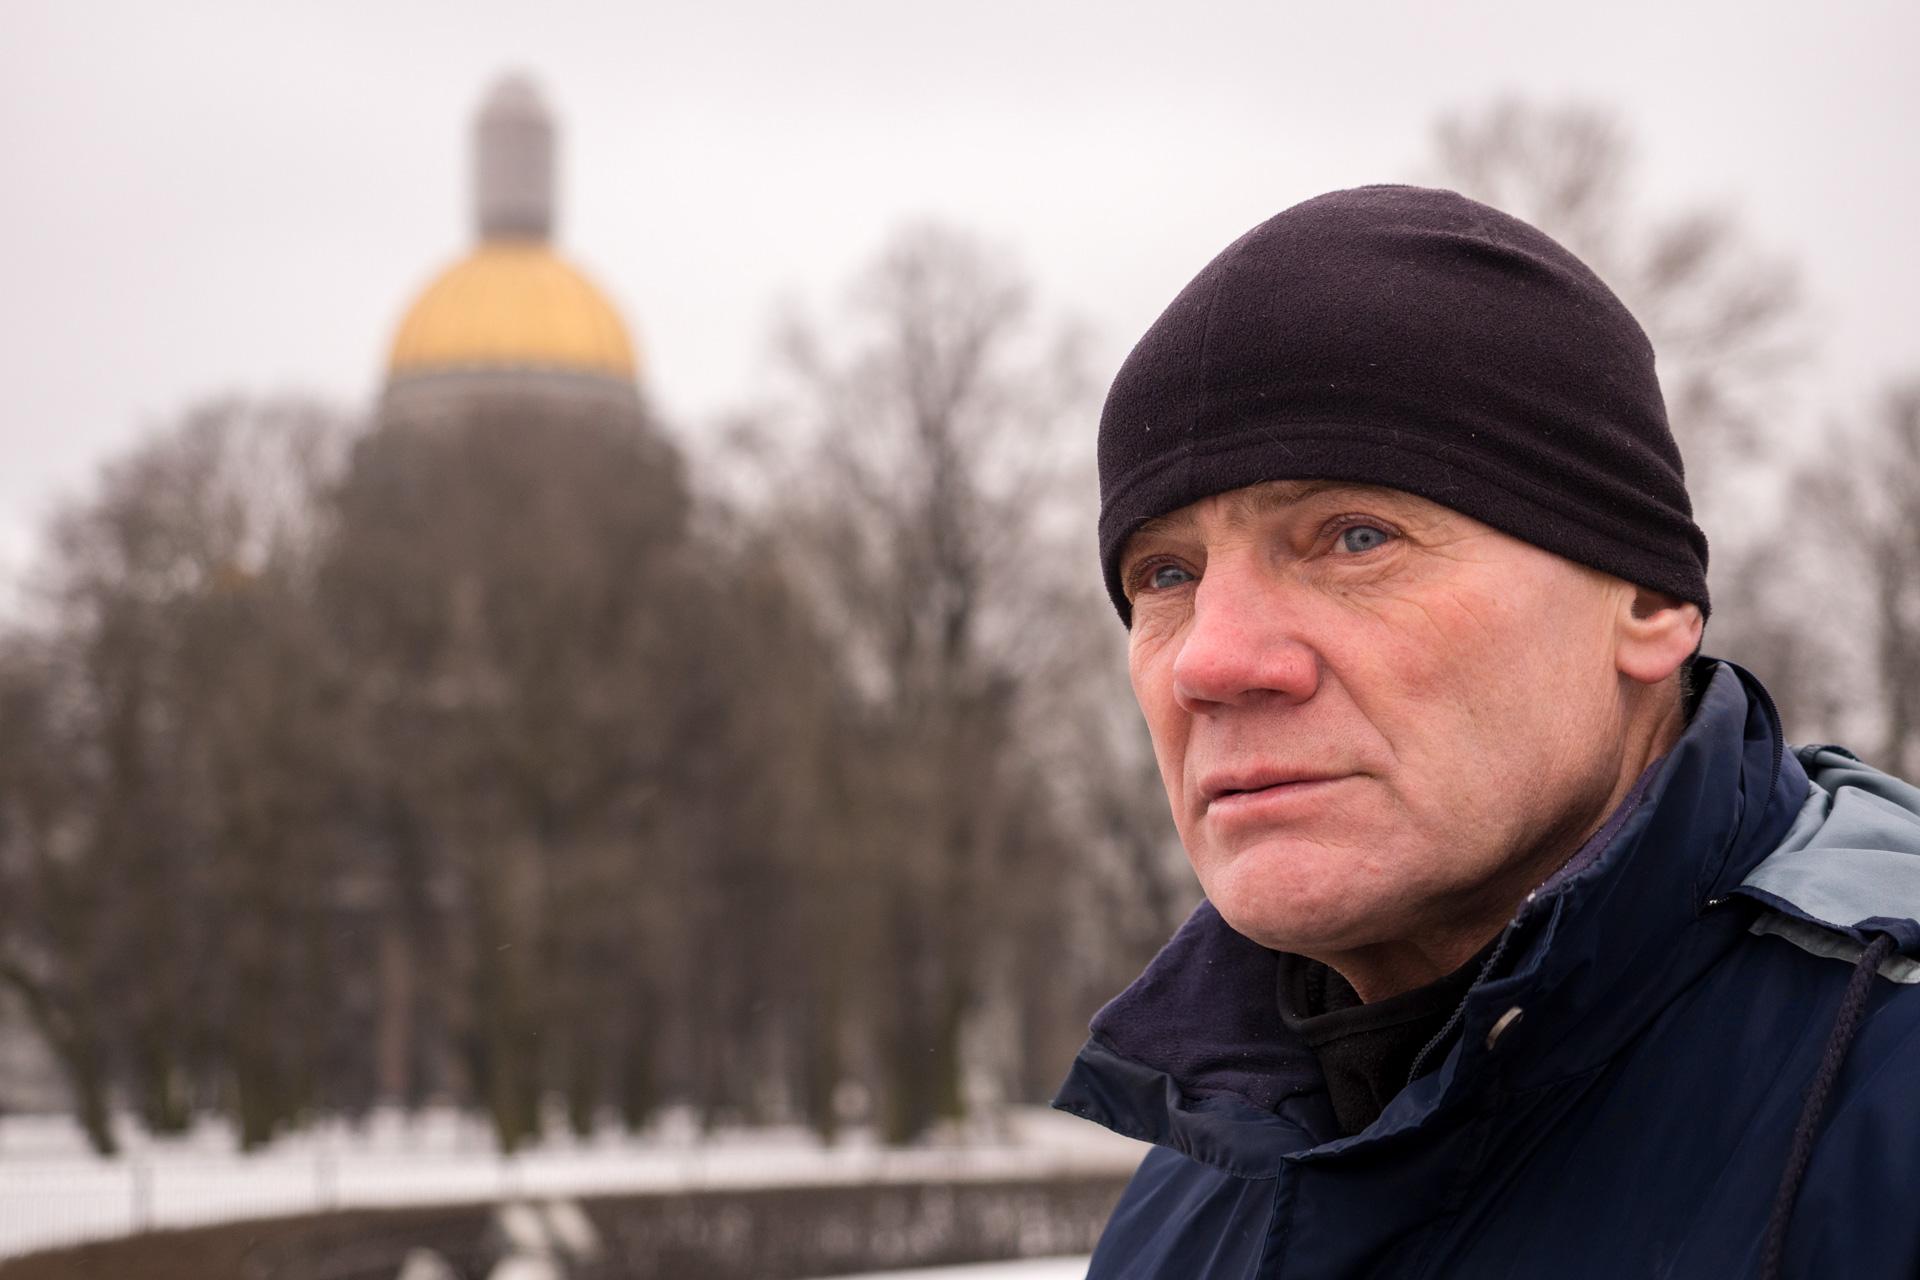 Partir de São Petersburgo foi momento mais difícil da viagem, diz Lukianov